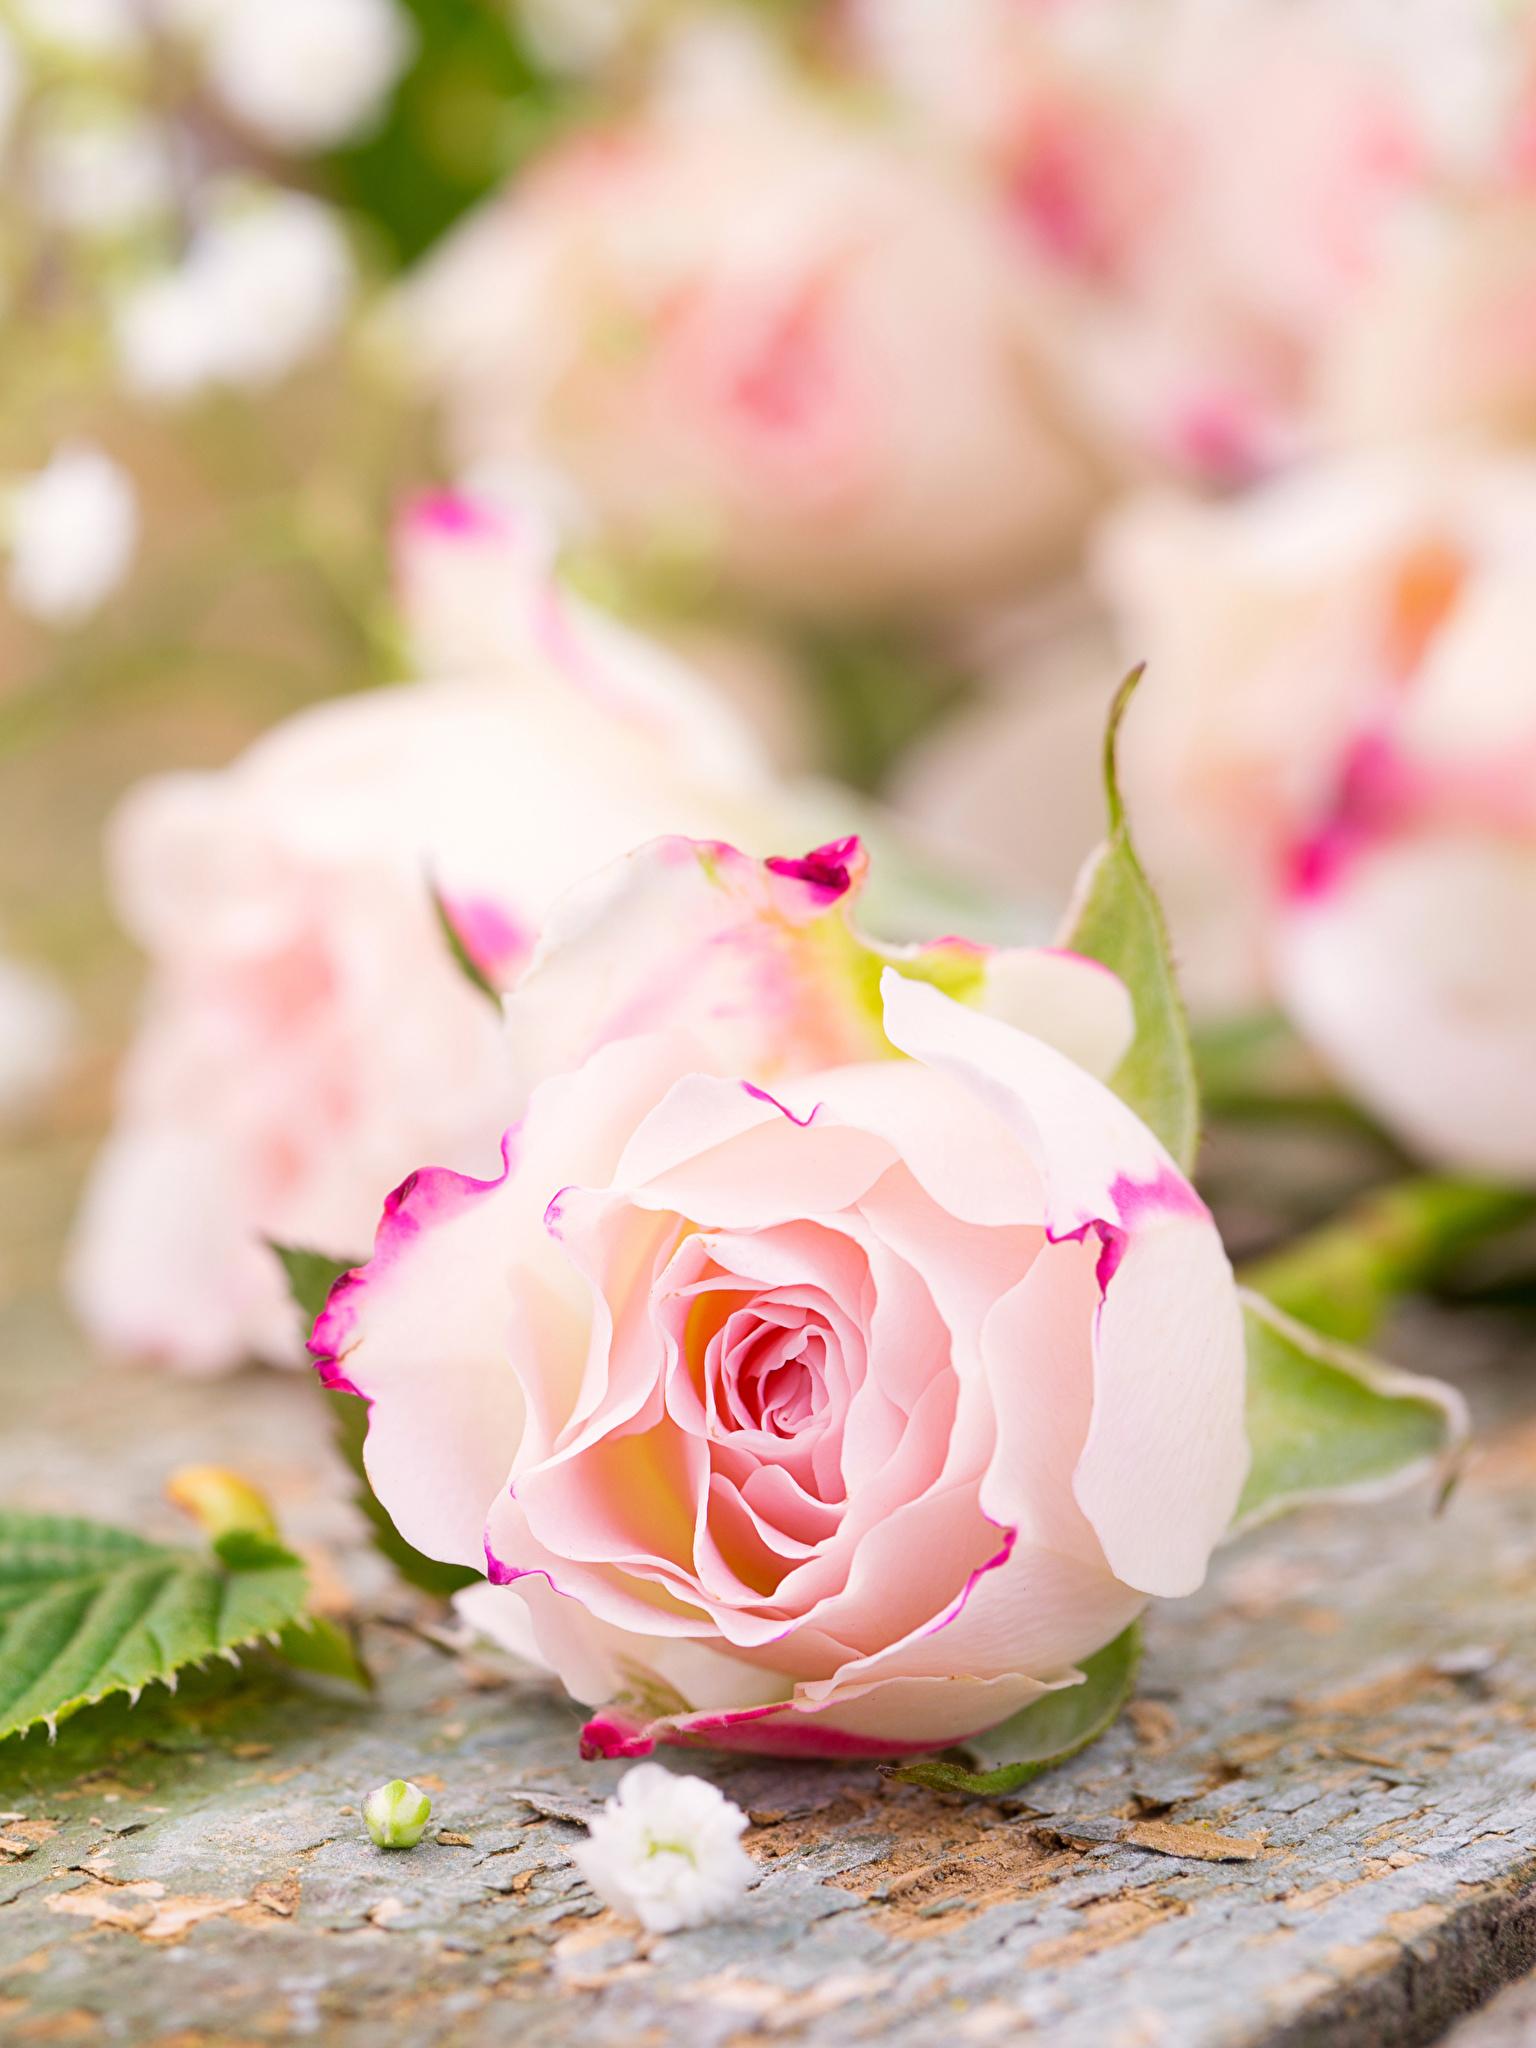 Картинка с нежными цветочками